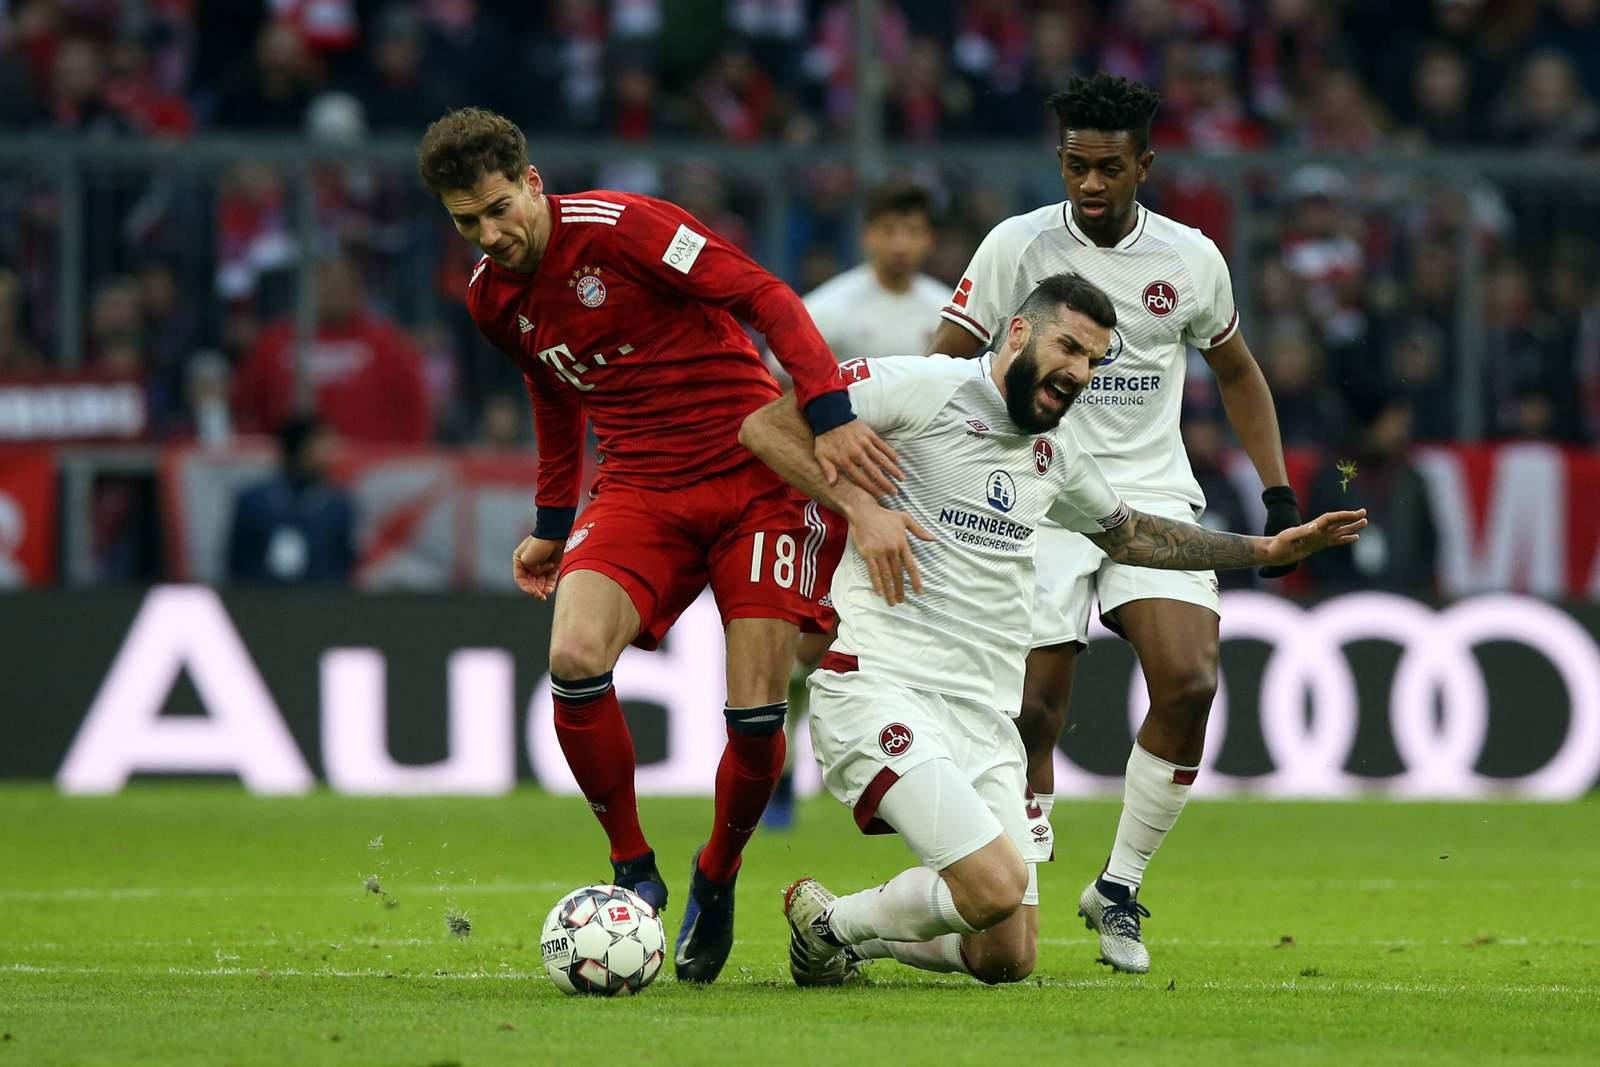 Dominiert Leon Goretzka mit dem FCB auch Mikael Ishak und den FCN? Jetzt auf Nürnberg gegen Bayern wetten!